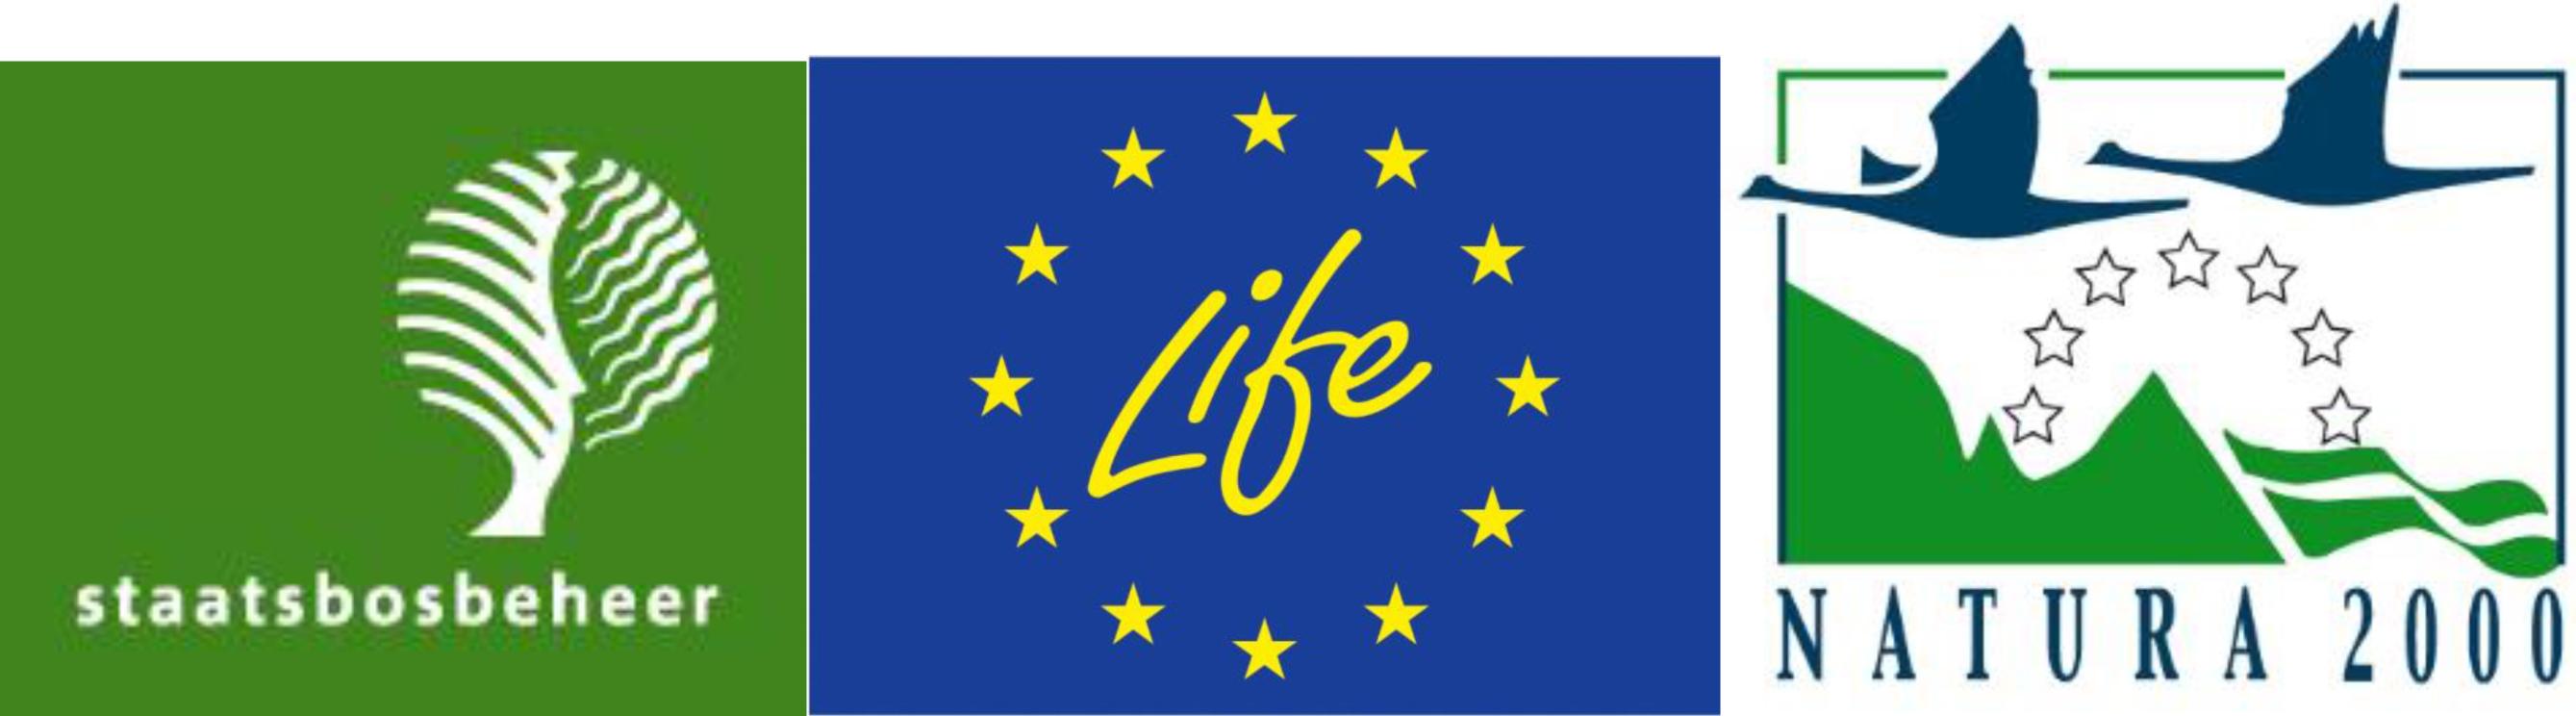 Logo's SBB, Live en Natura 2000